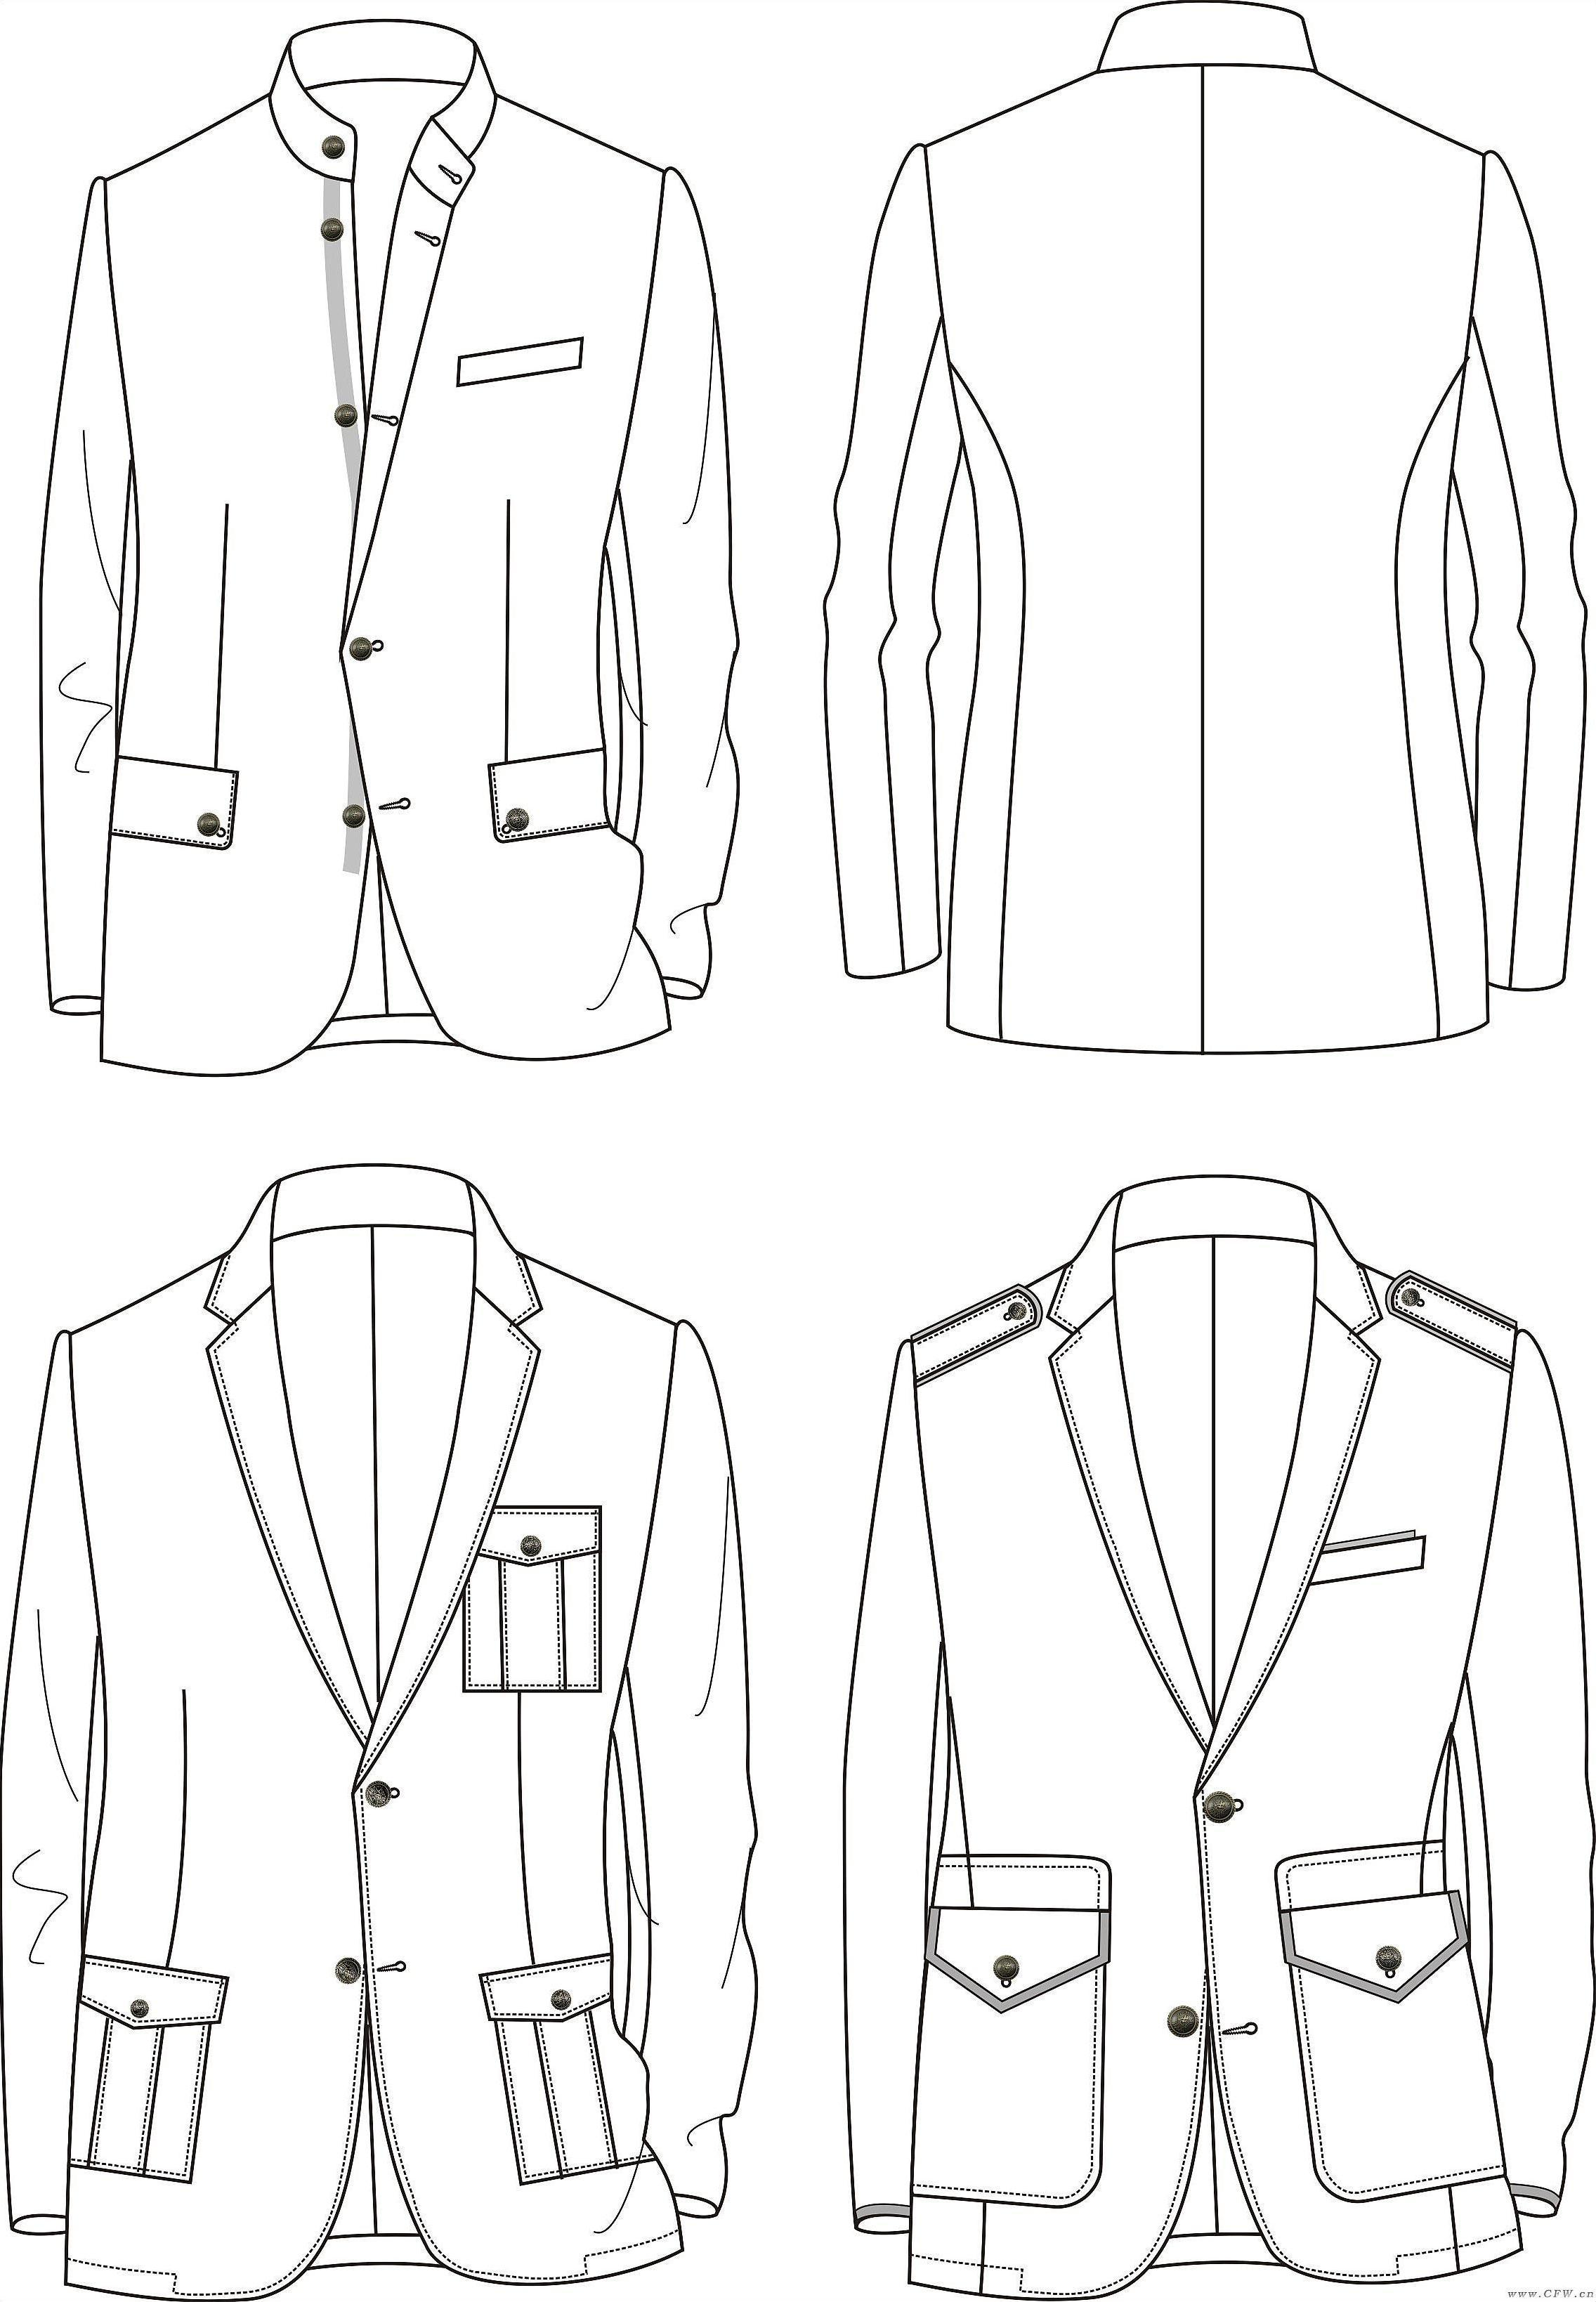 想买 喜欢 (2) 收 藏 (0) 名称:男装设计 归属:男装款式-小西装 分享图片